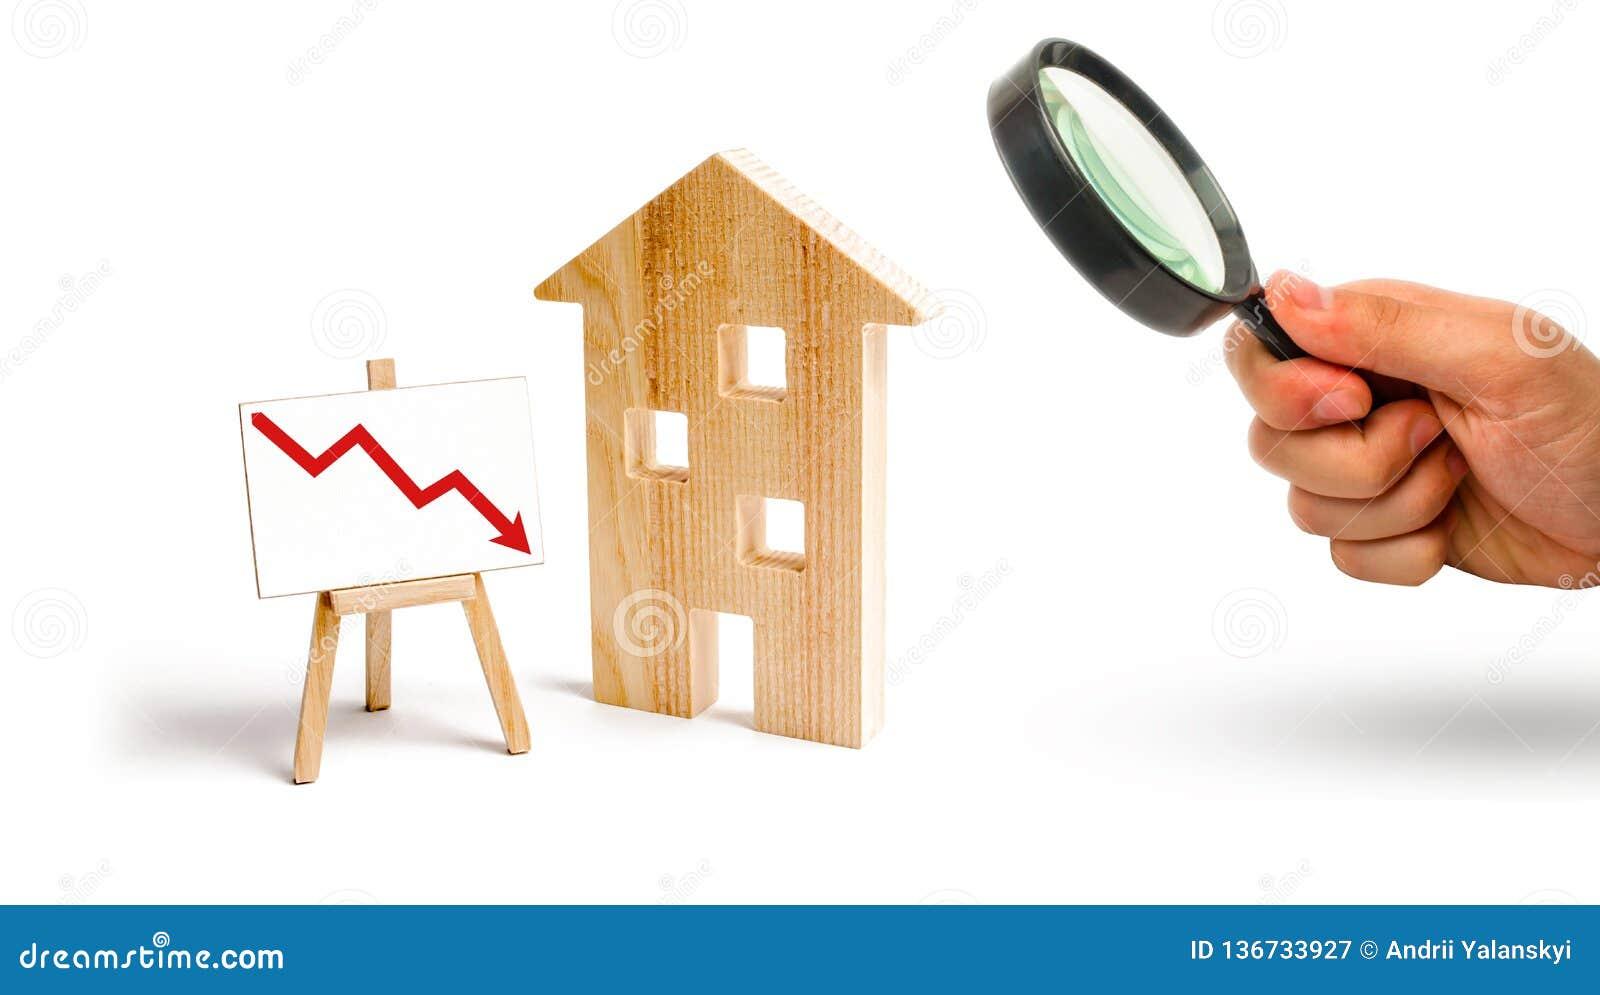 Förstoringsglaset ser trähuset och den röda pilen ner begrepp av fallande priser och begäran för fastigheten, nedgången